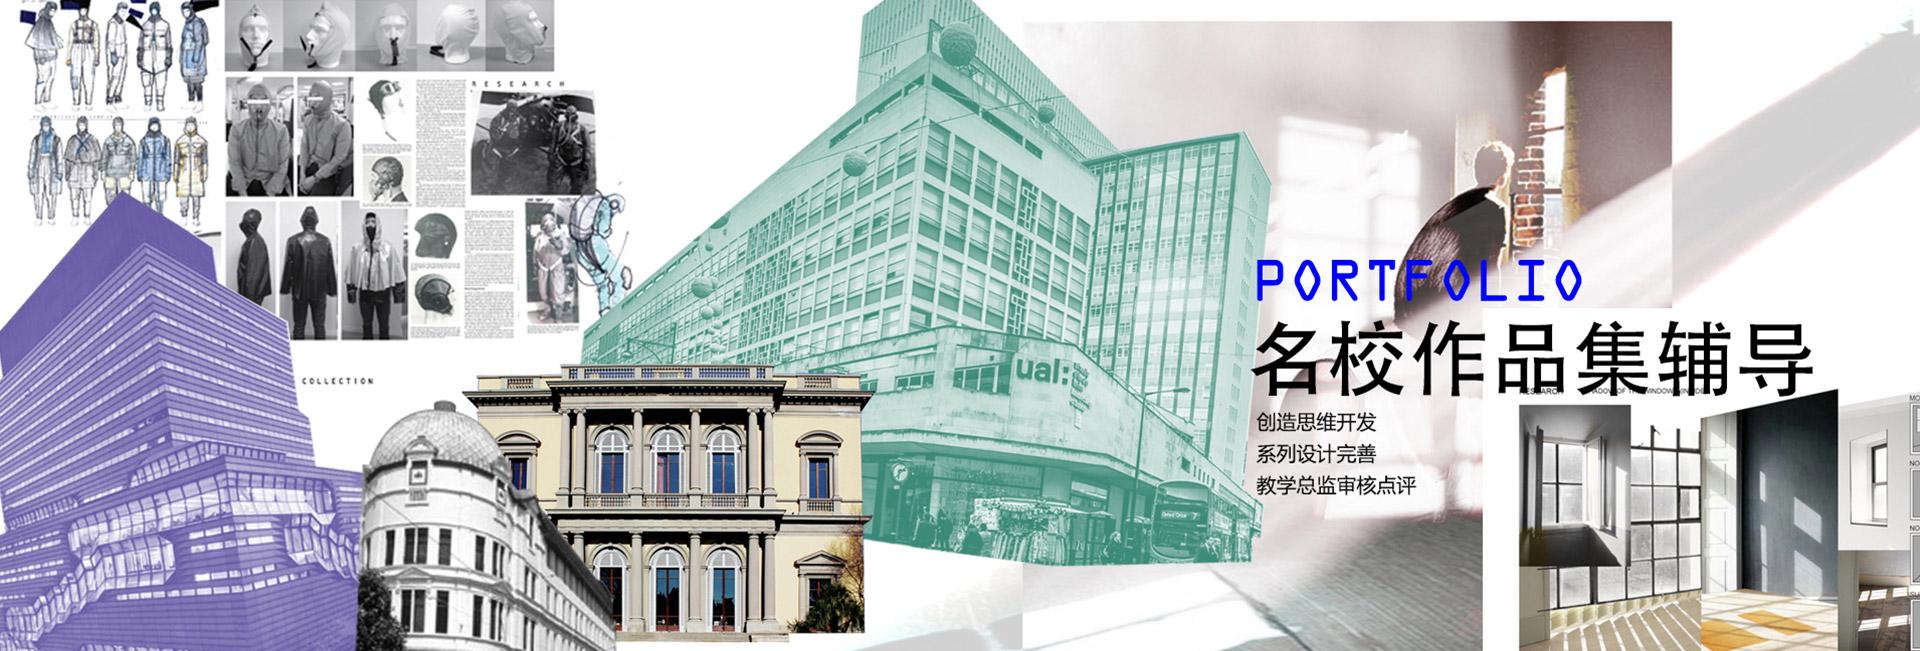 上海AG网址文化传播有限公司